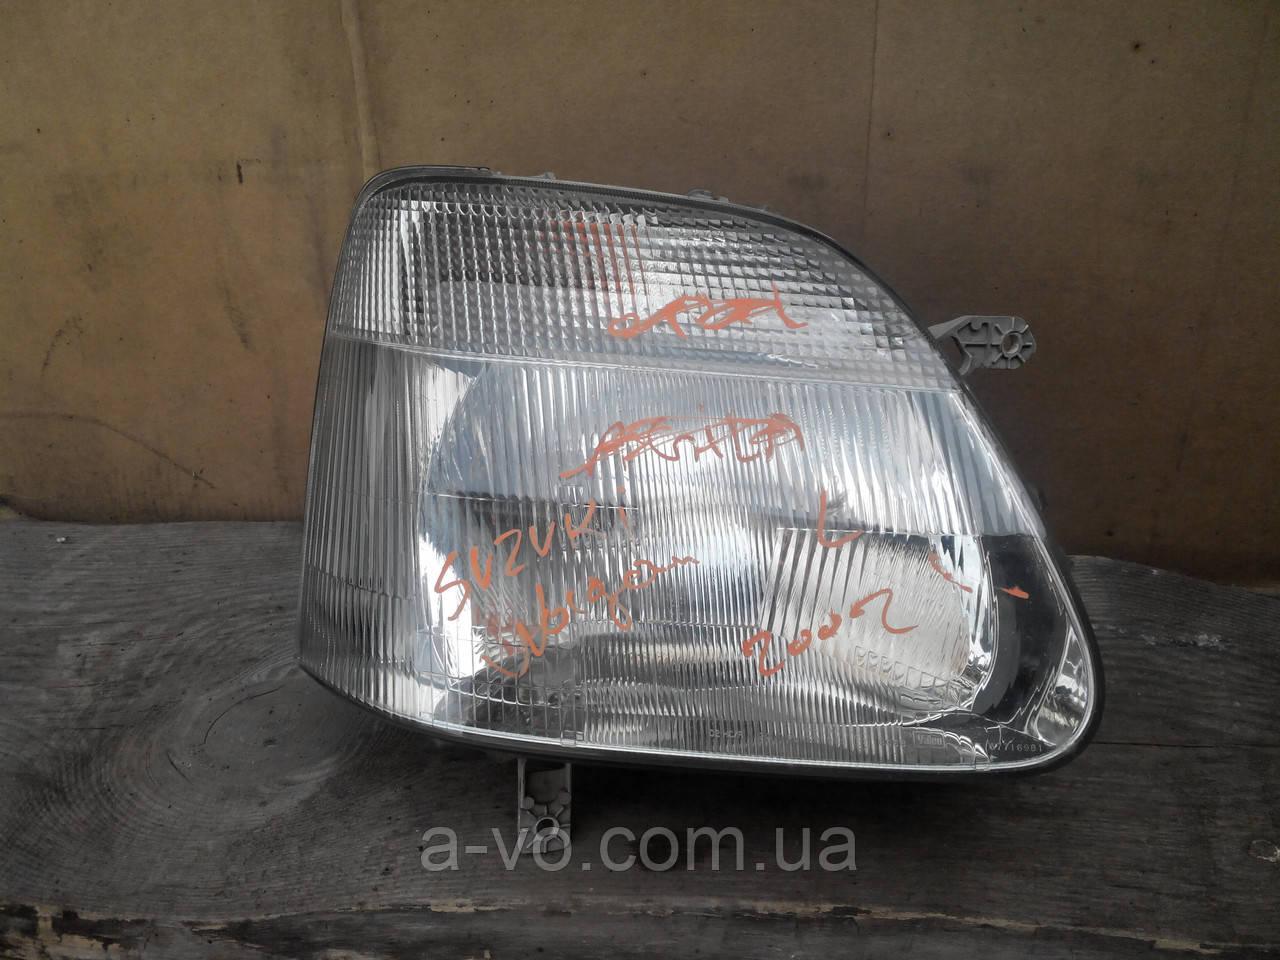 Фара правая Suzuki Wagon R+ 2000-2003